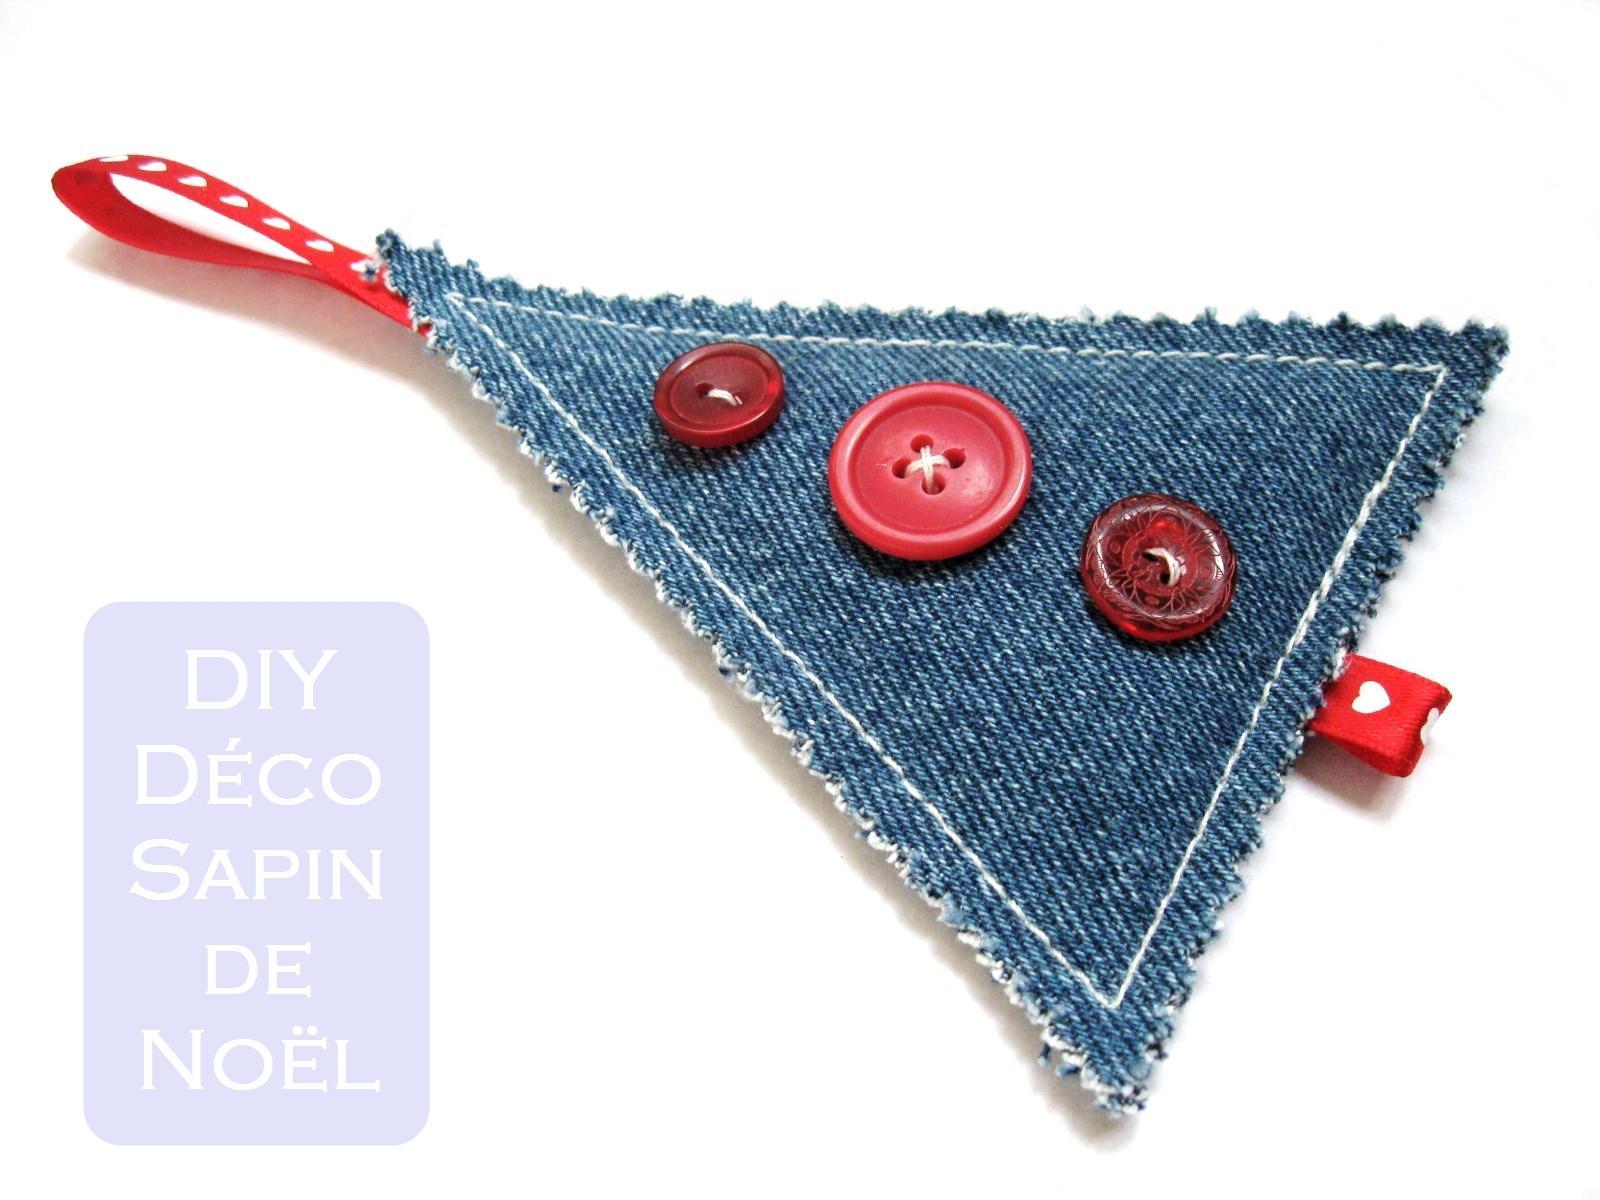 #AB2025 Décoration Pour Le Sapin En Jeans Recyclé Patron De  6343 decoration noel a fabriquer gratuit 1600x1200 px @ aertt.com